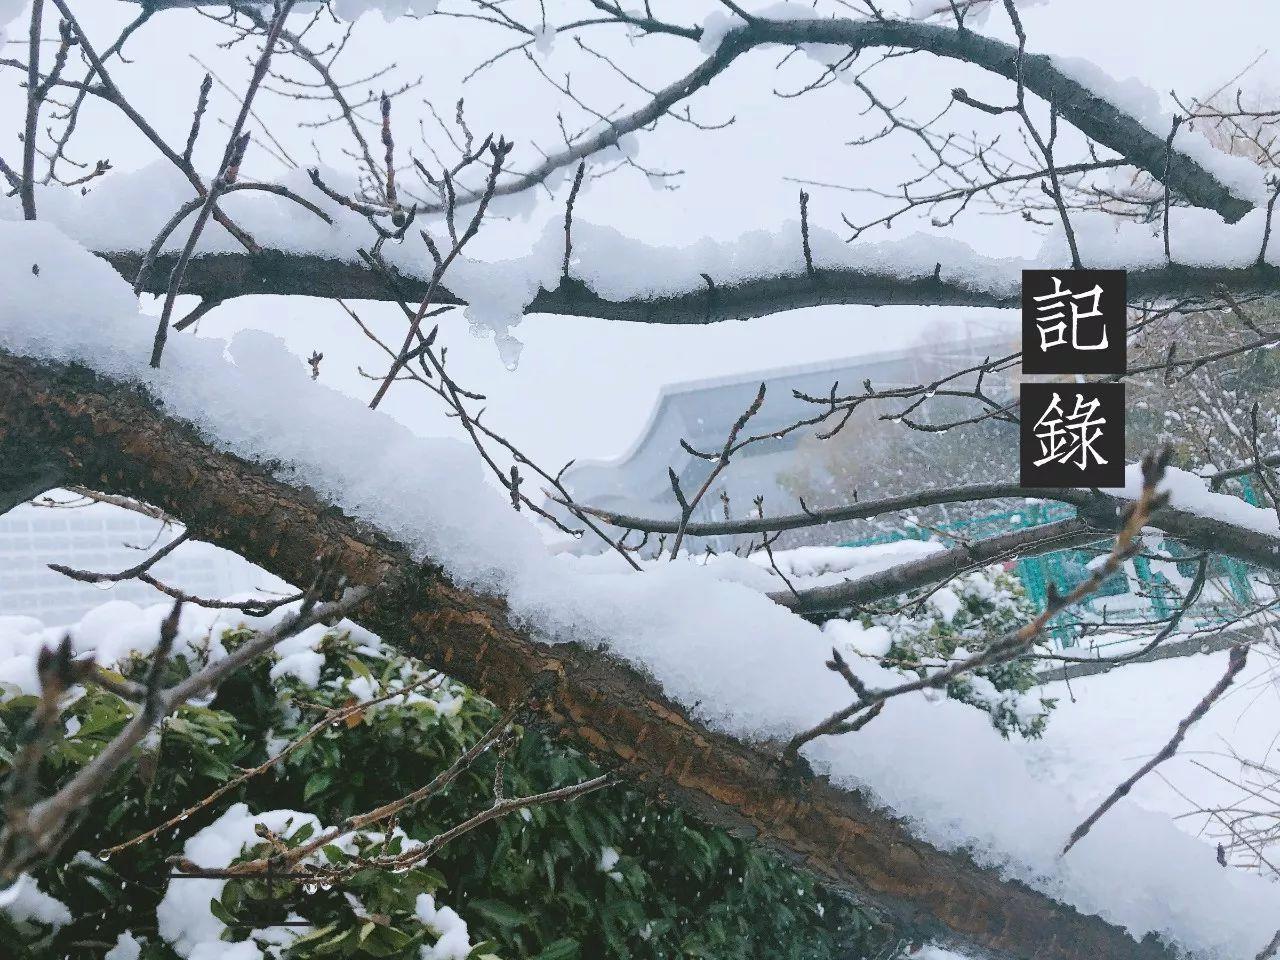 震惊!没有想到你竟然是这样的初雪!